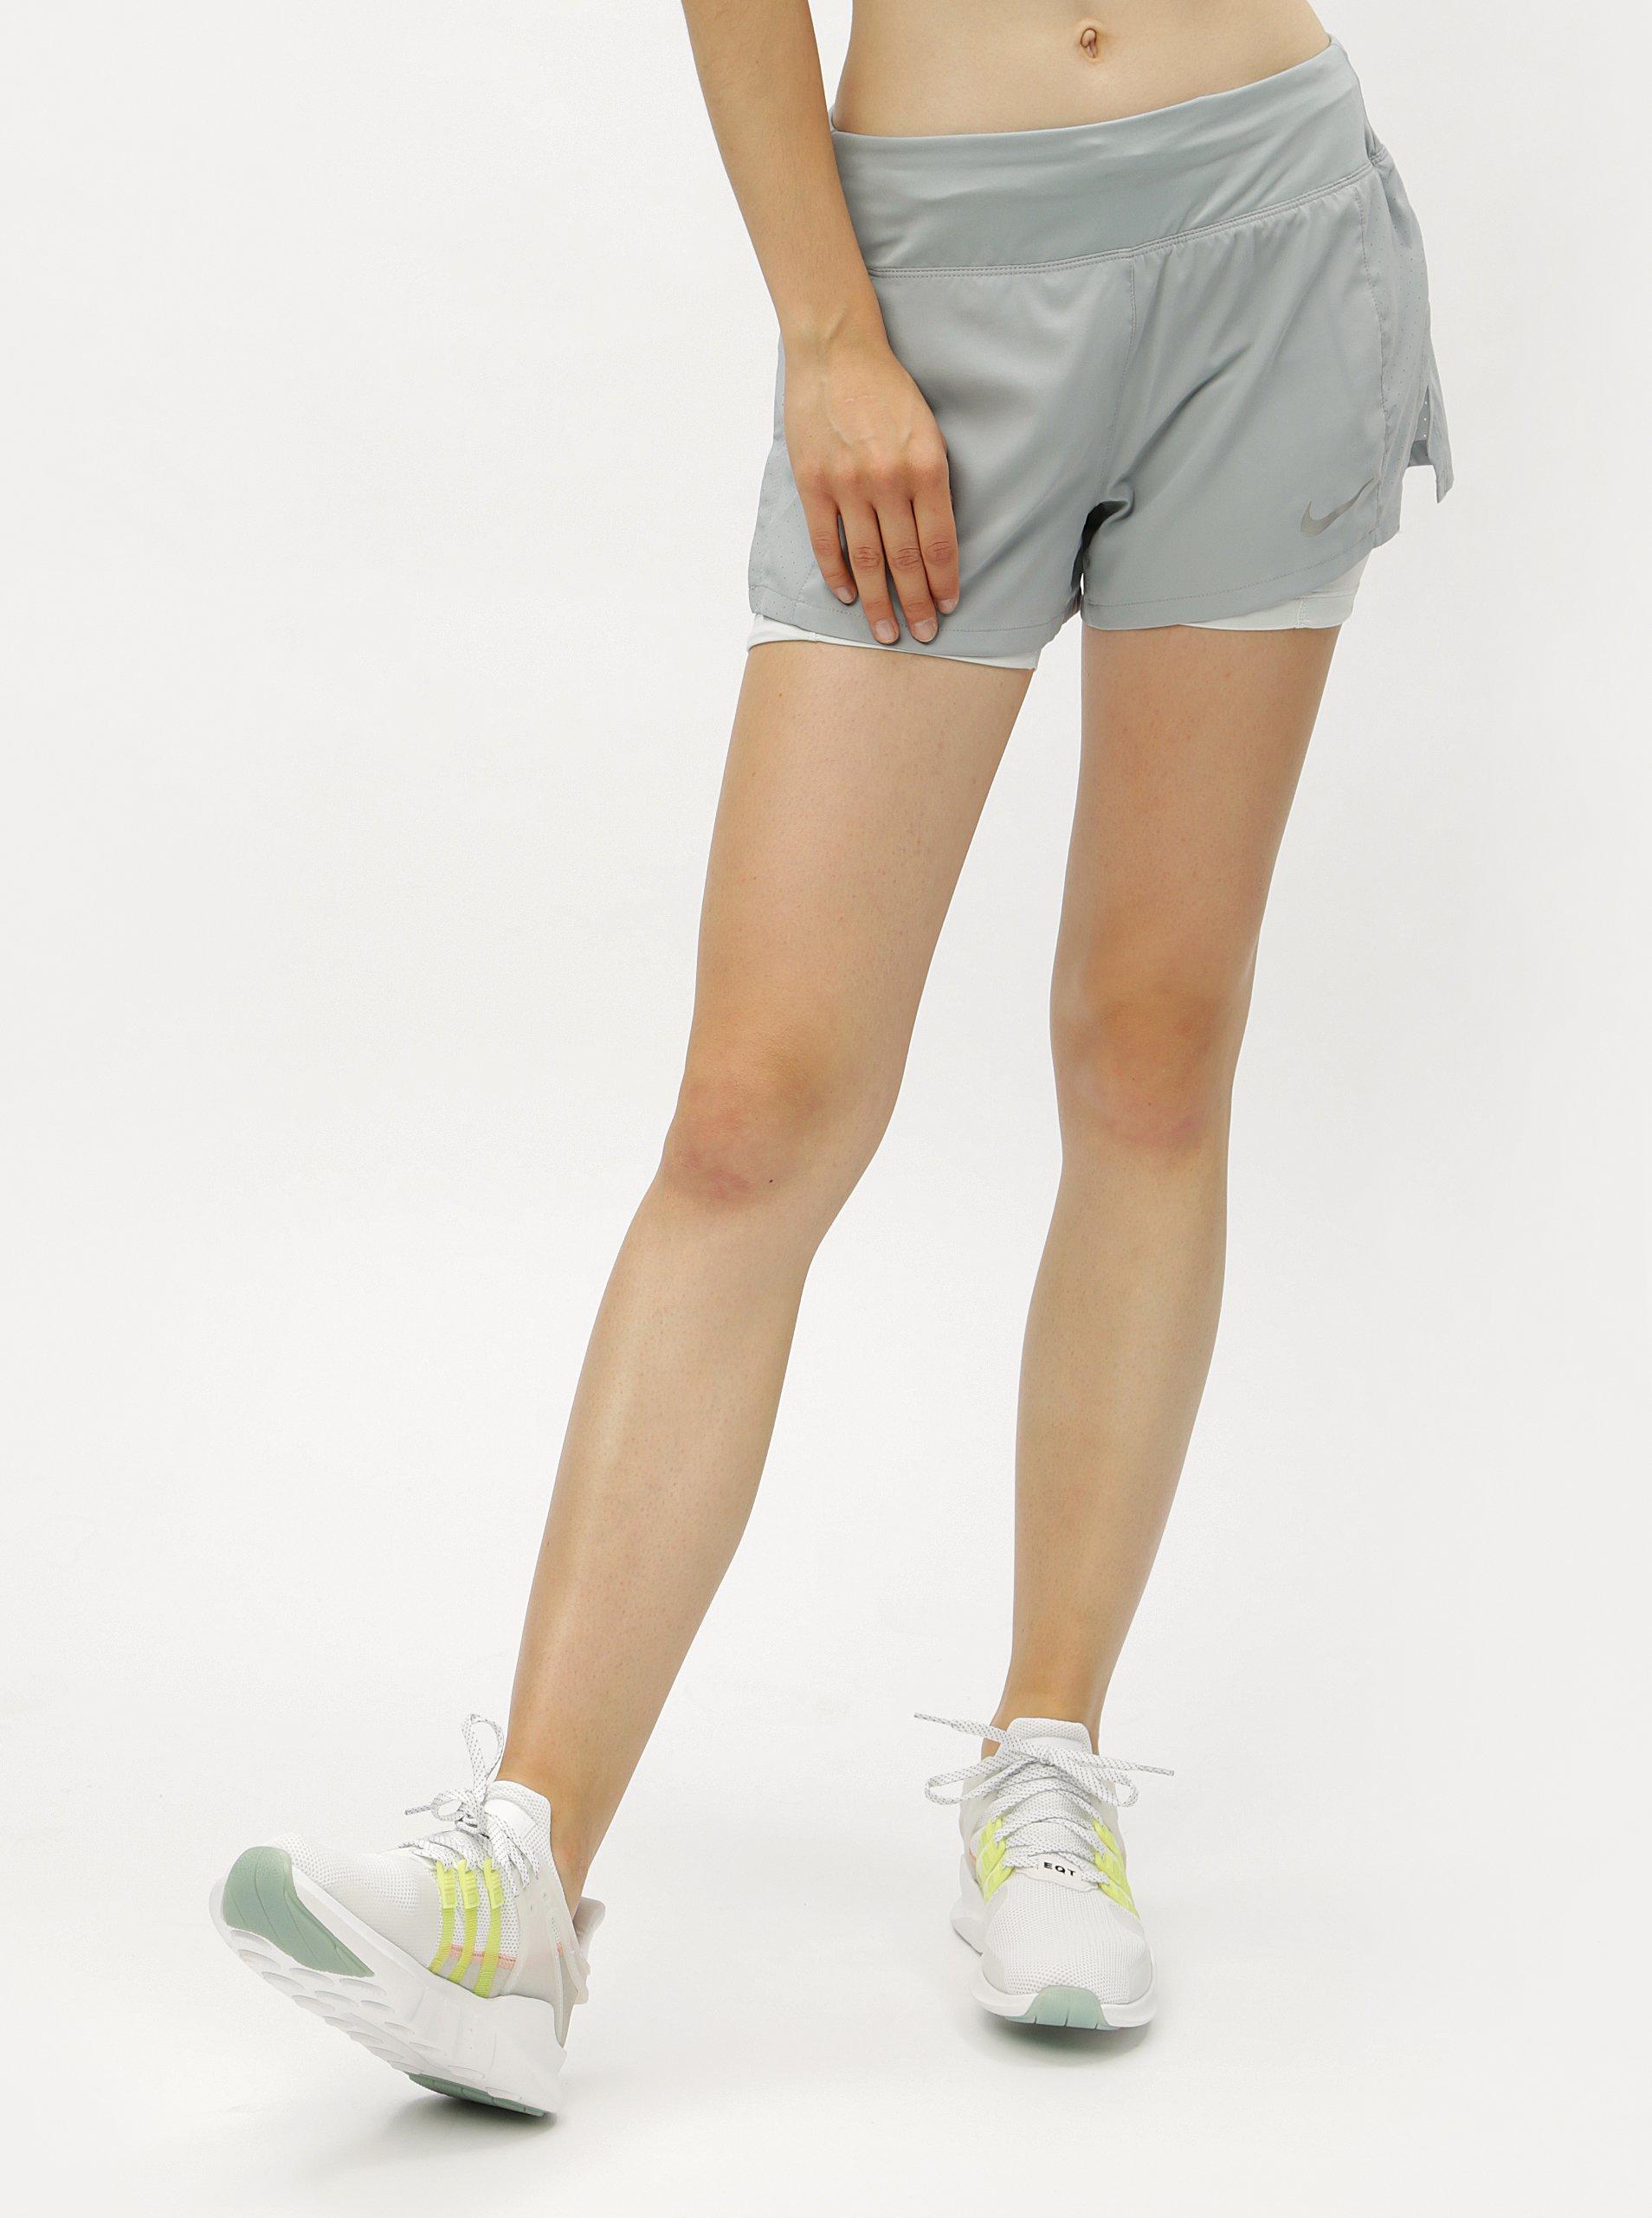 ae4cd9407c94 Mentolové dámske funkčné kraťasy Nike Eclipse